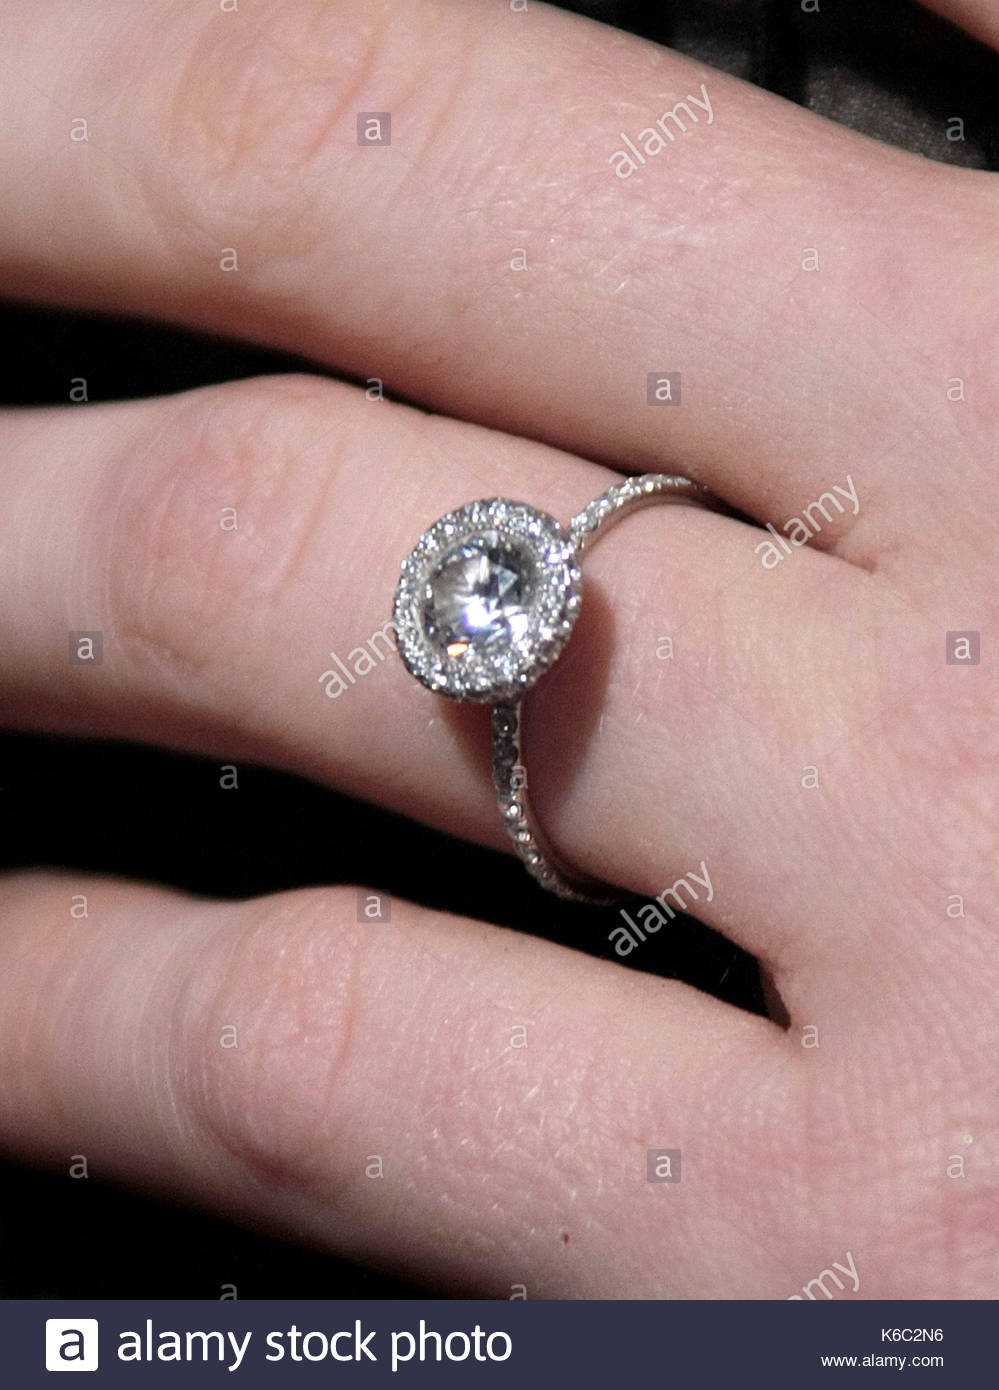 Diamond Film Stock Photos & Diamond Film Stock Images - Alamy